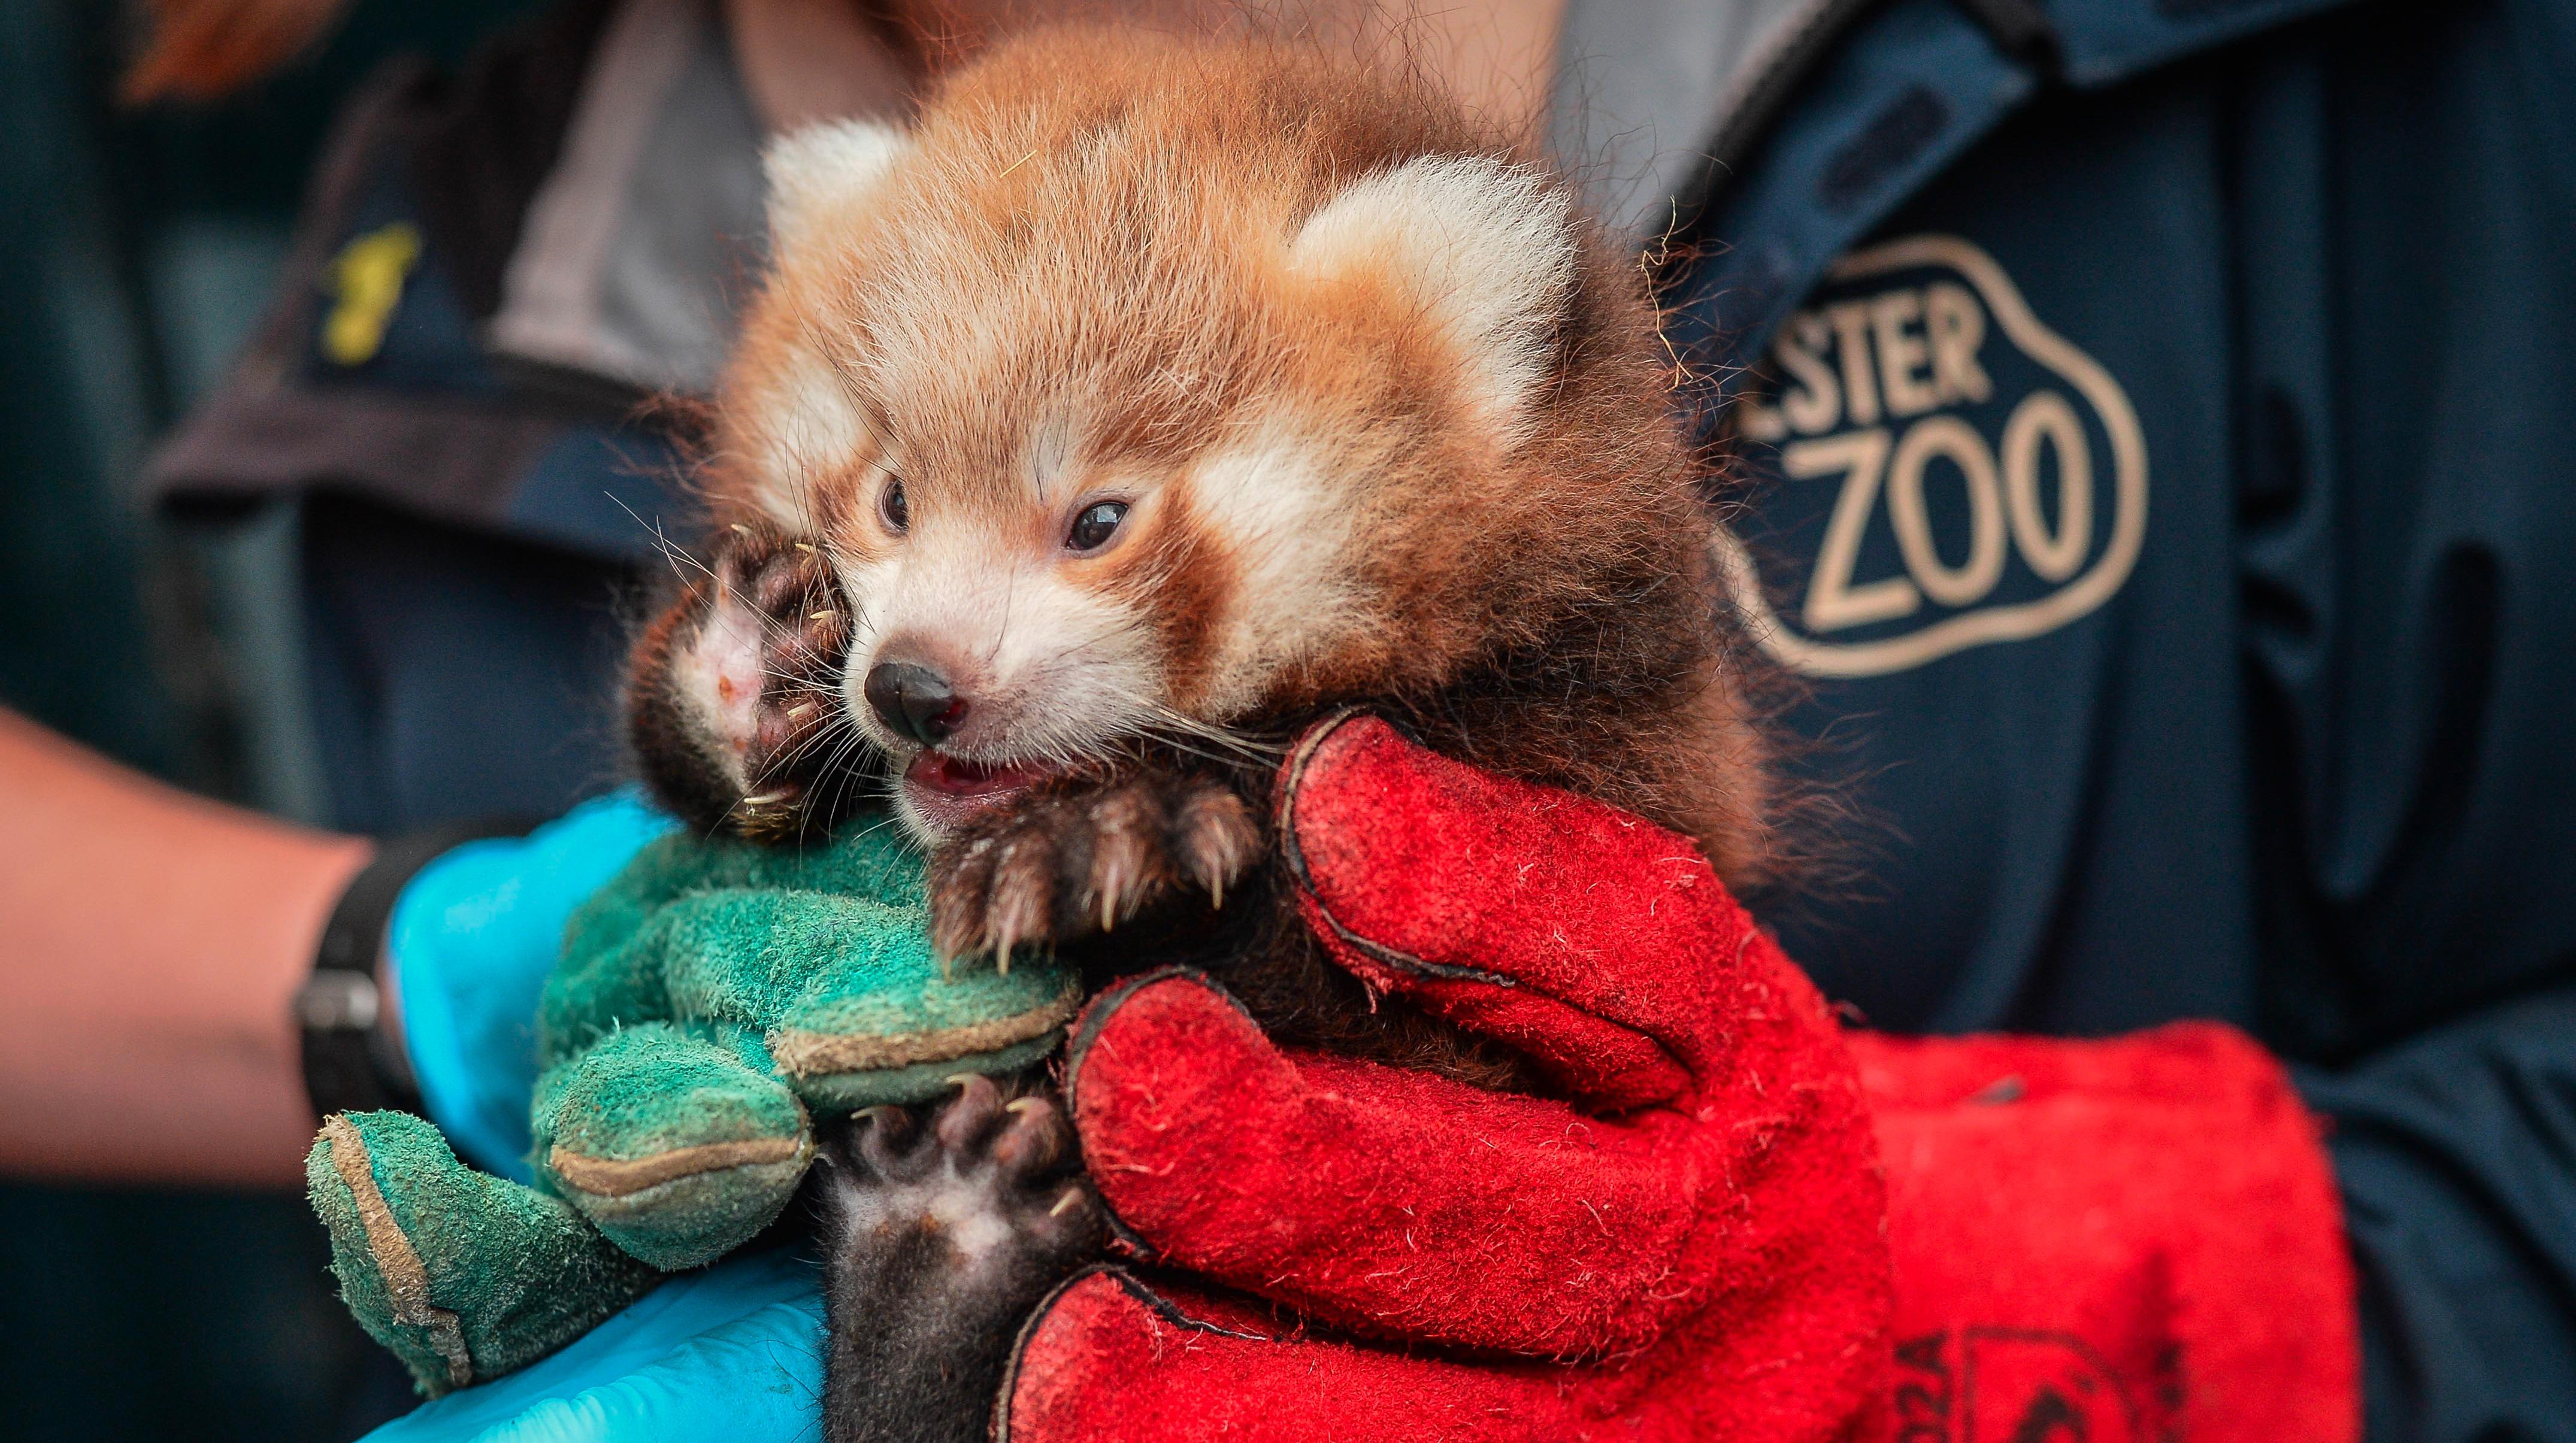 Panda cubs born at Chester Zoo | Granada - ITV News